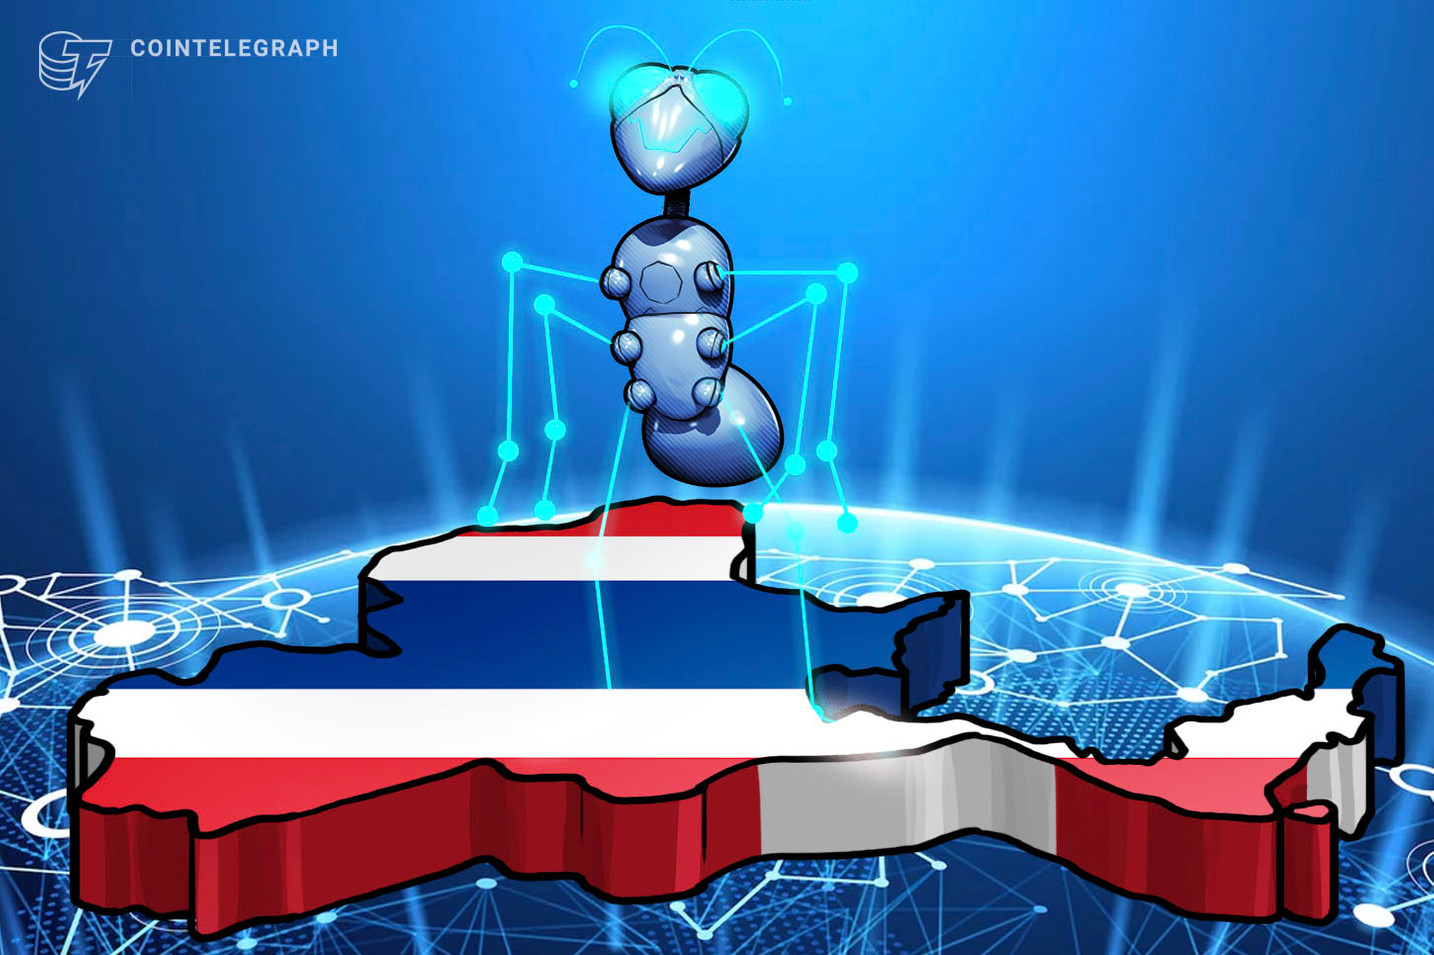 Tailandia introduce reembolsos de impuestos basados en blockchain para los exportadores de petróleo